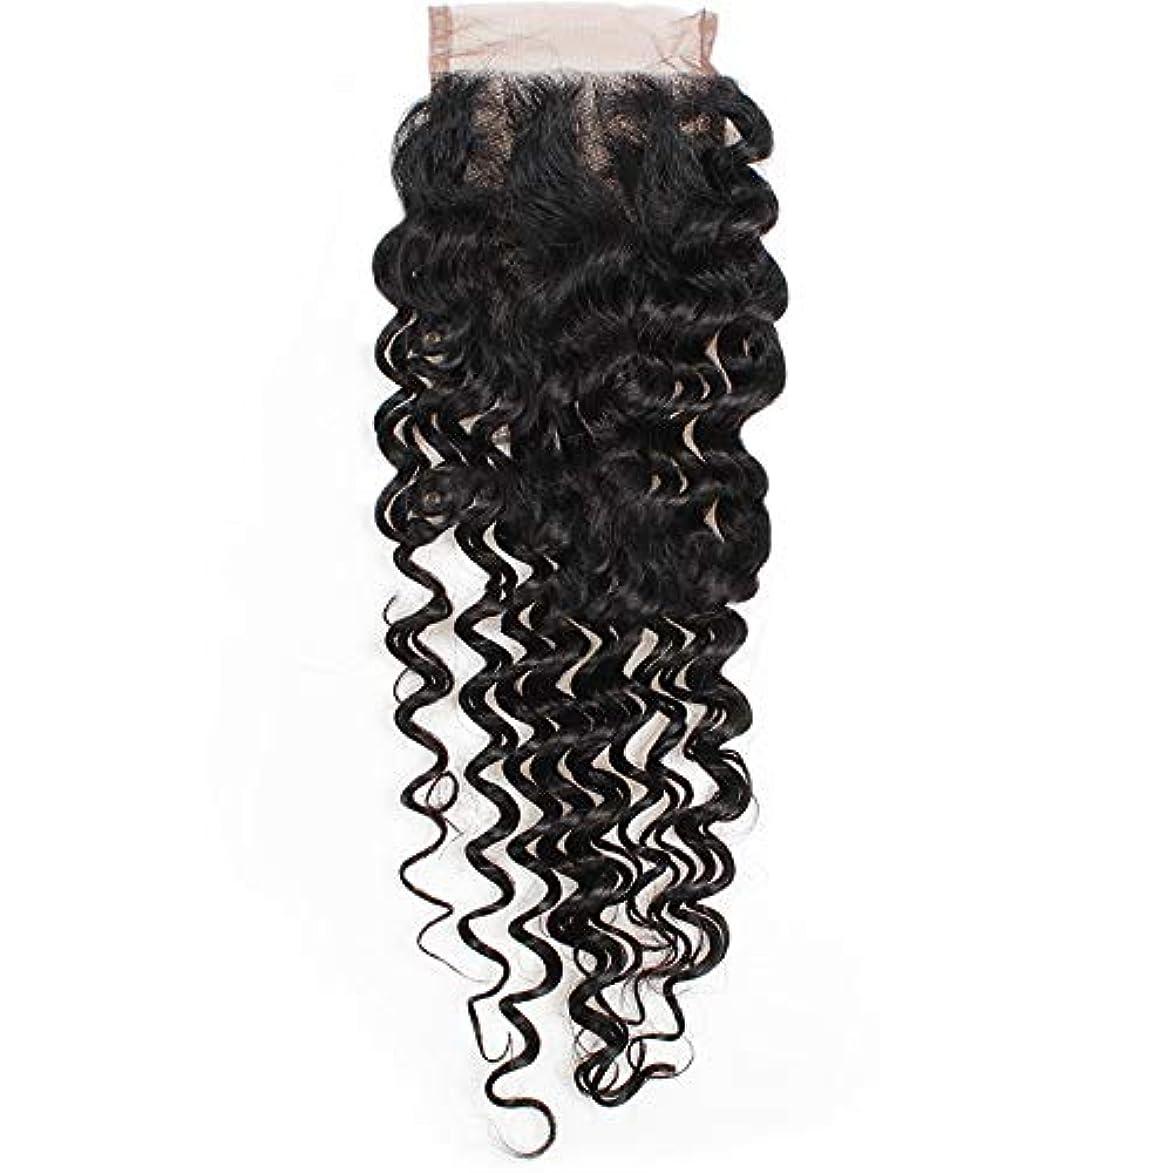 親複雑ボードHOHYLLYA 4×4ストレート3パートレース閉鎖7aブラジルディープウェーブ人間の髪の毛のトップ閉鎖ロールプレイングかつら女性のかつら (色 : 黒, サイズ : 14 inch)